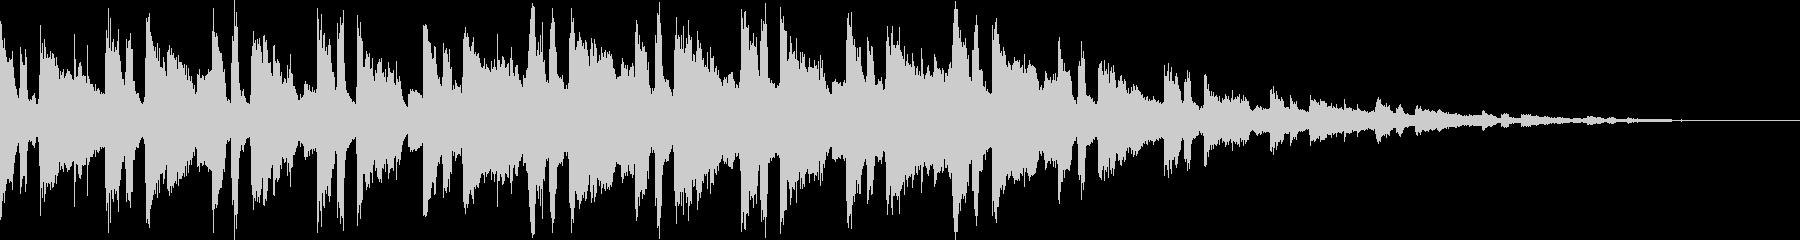 儚げな雰囲気のBGMの未再生の波形